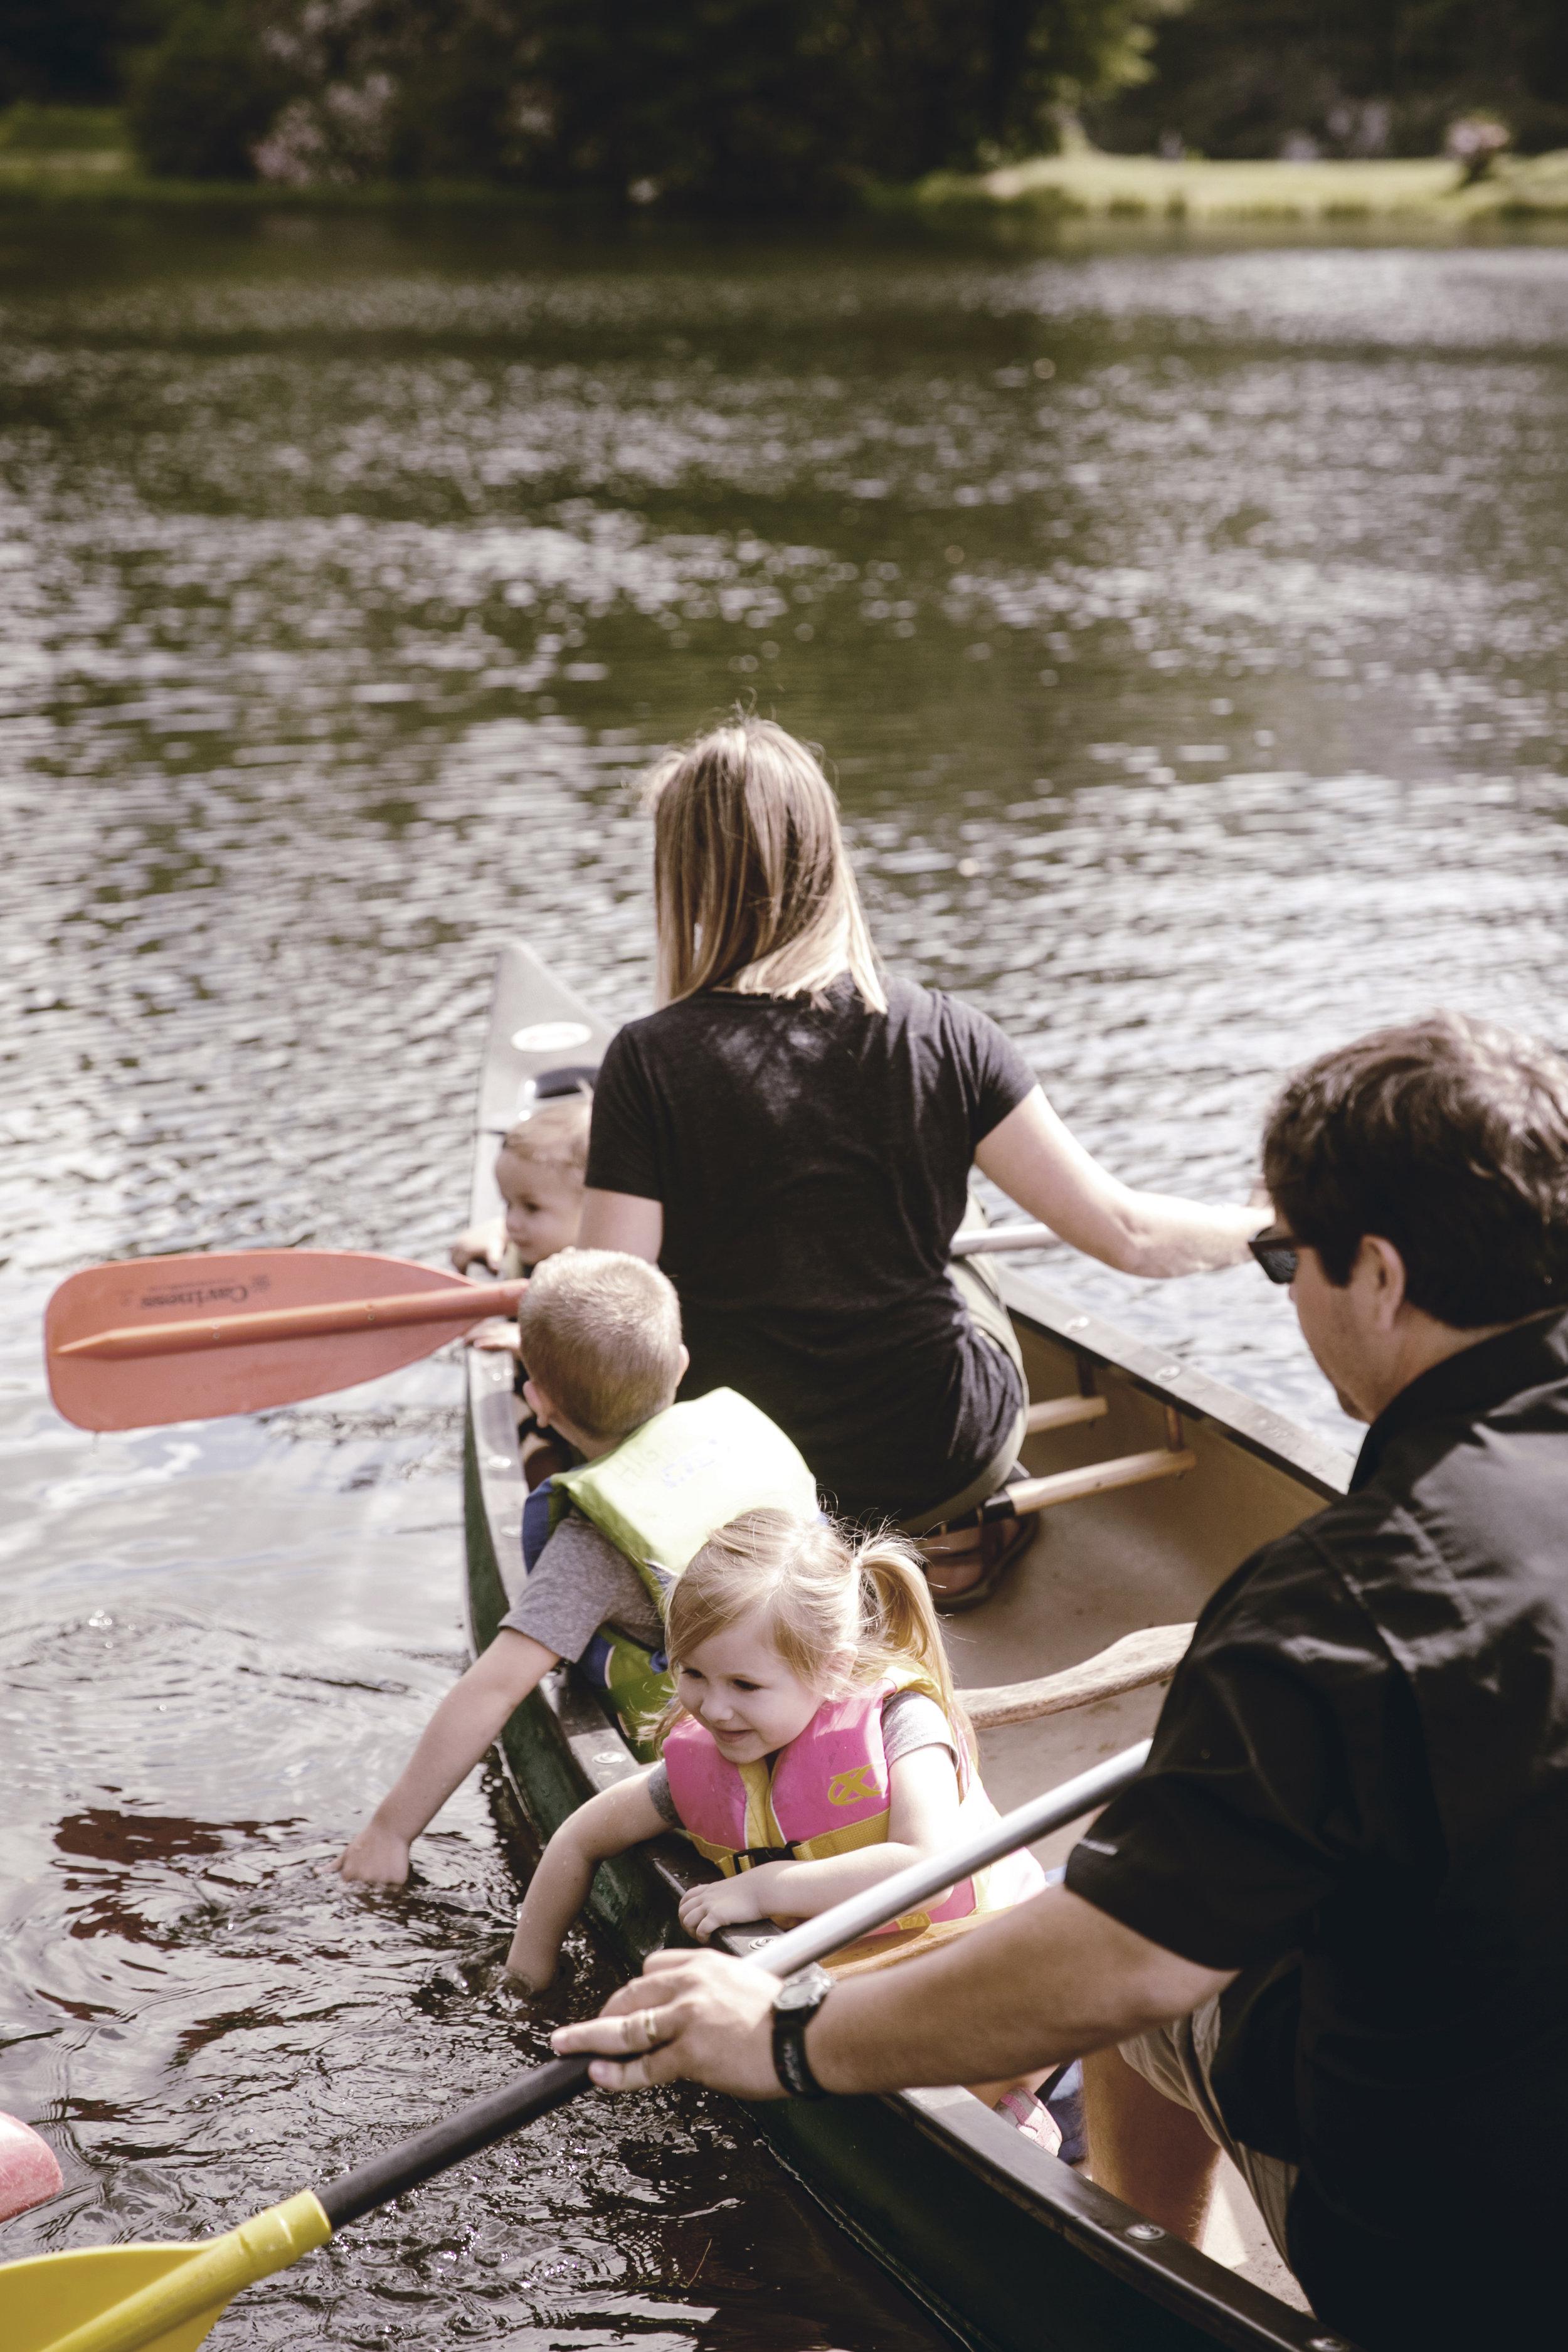 family canoeing adventure / heirloomed